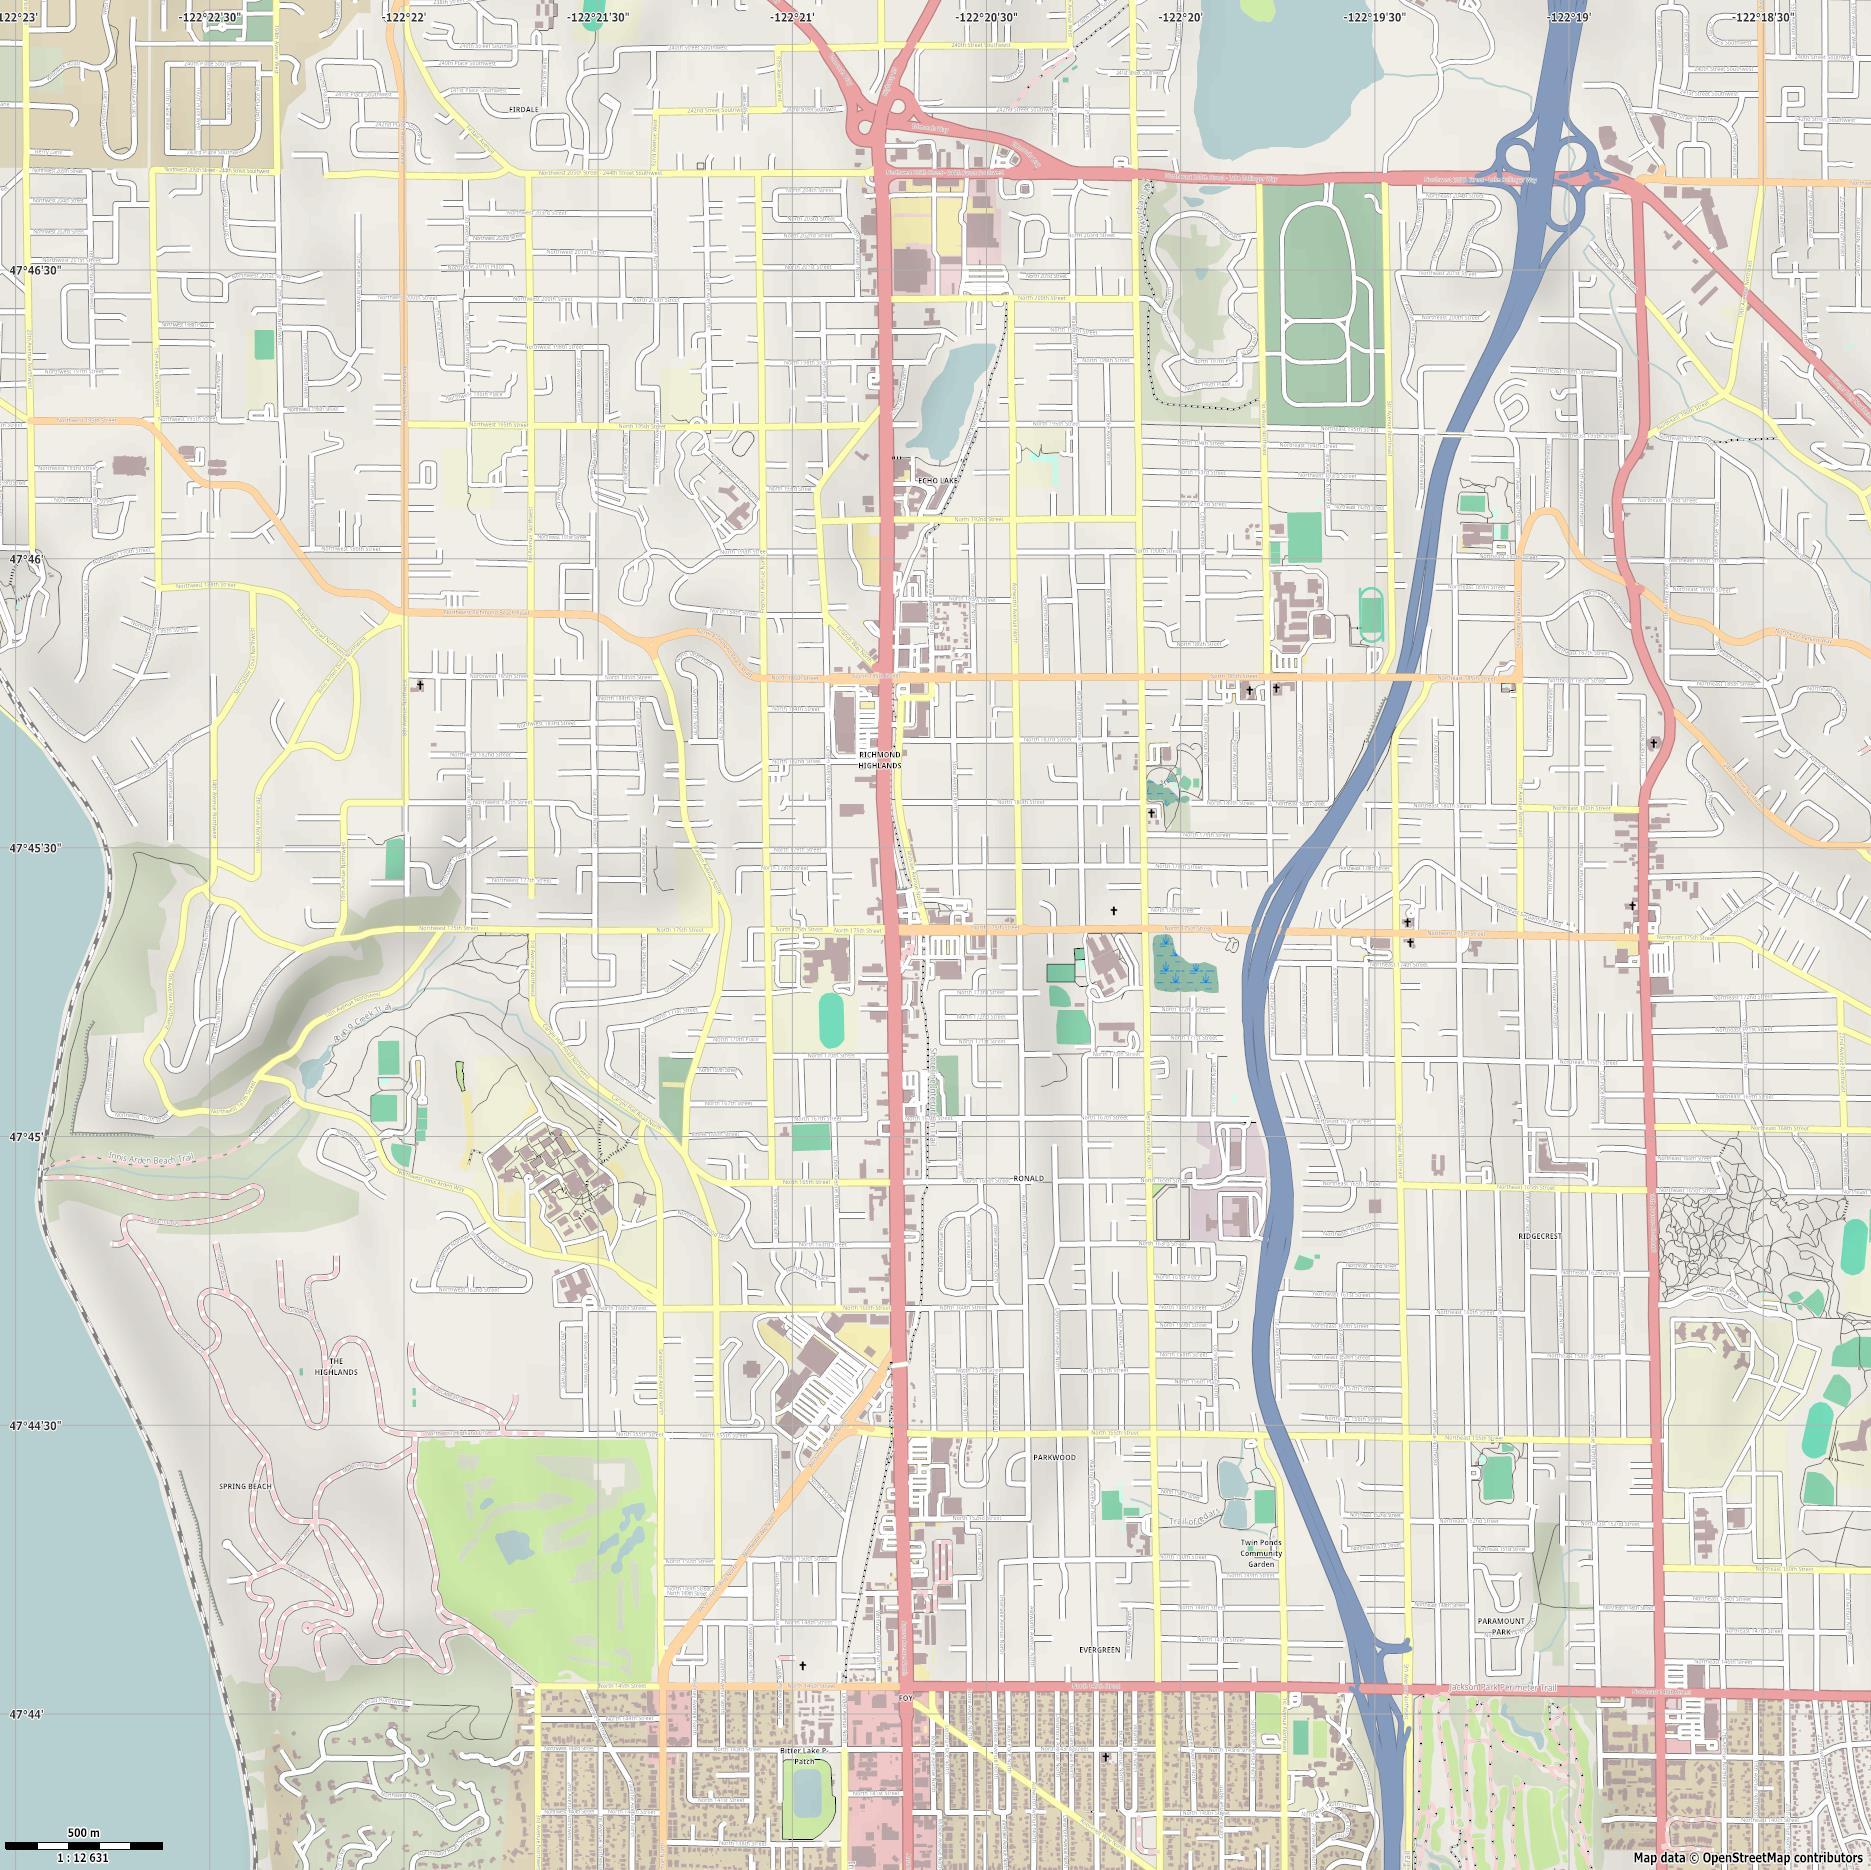 Shoreline Map 3d - 0425